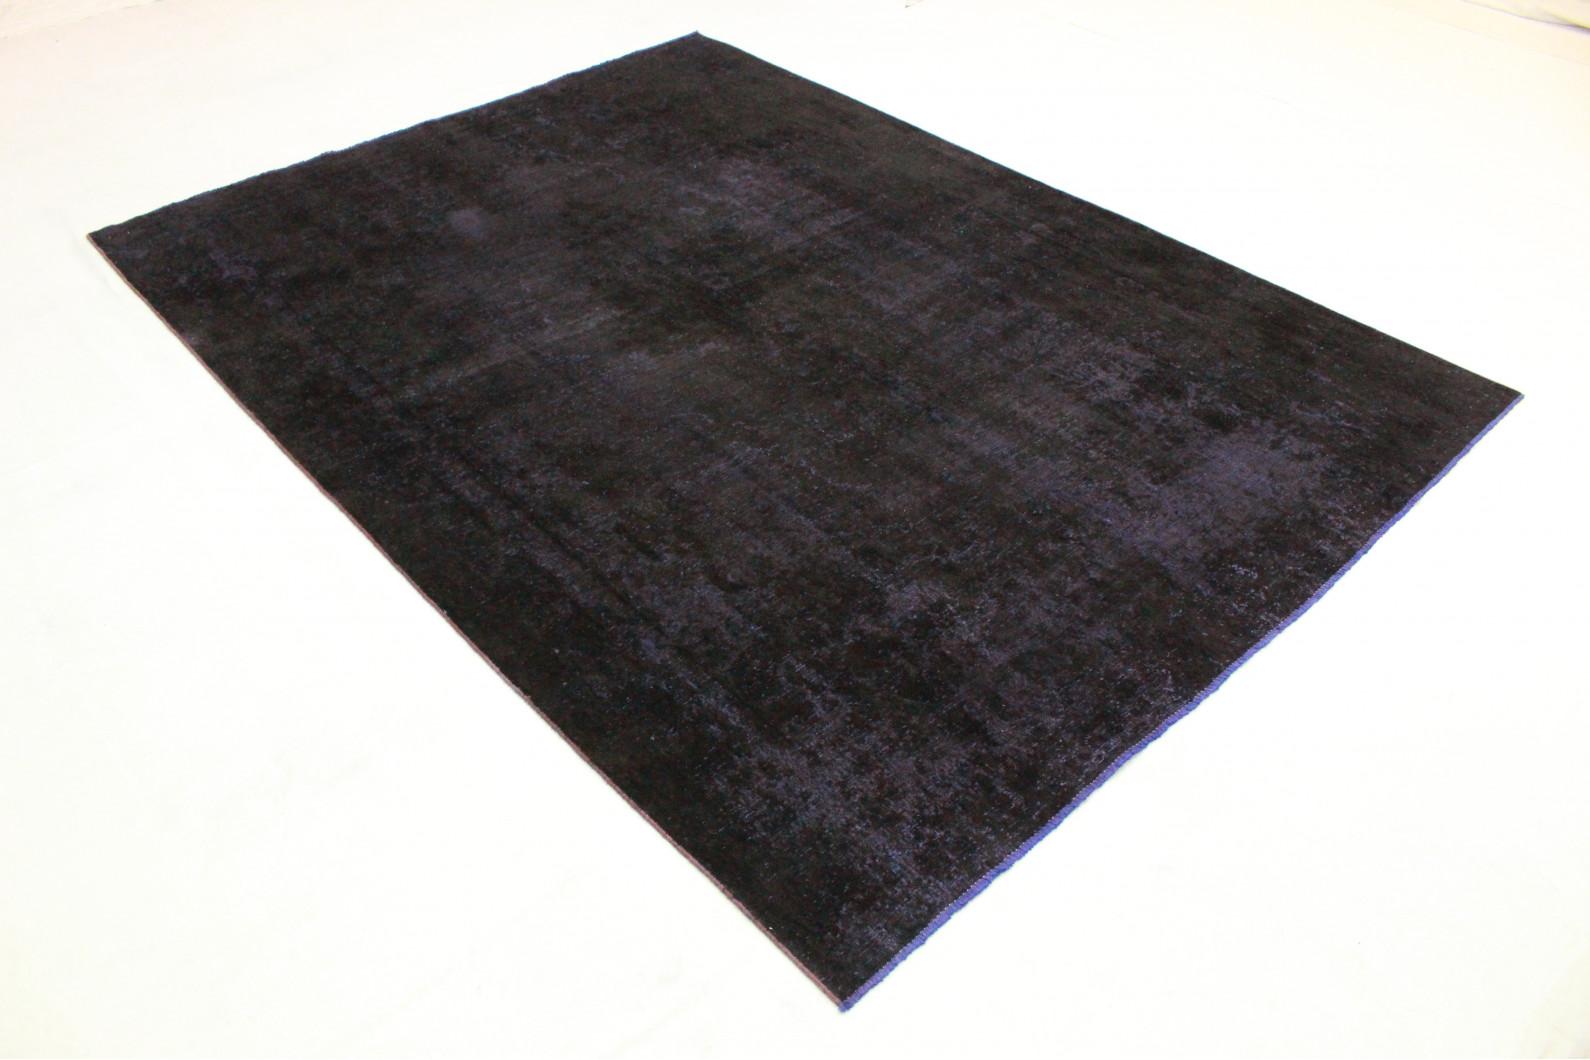 Teppich schwarz  Vintage Teppich Schwarz Lila in 330x240 (1001-3505) bei carpetido ...